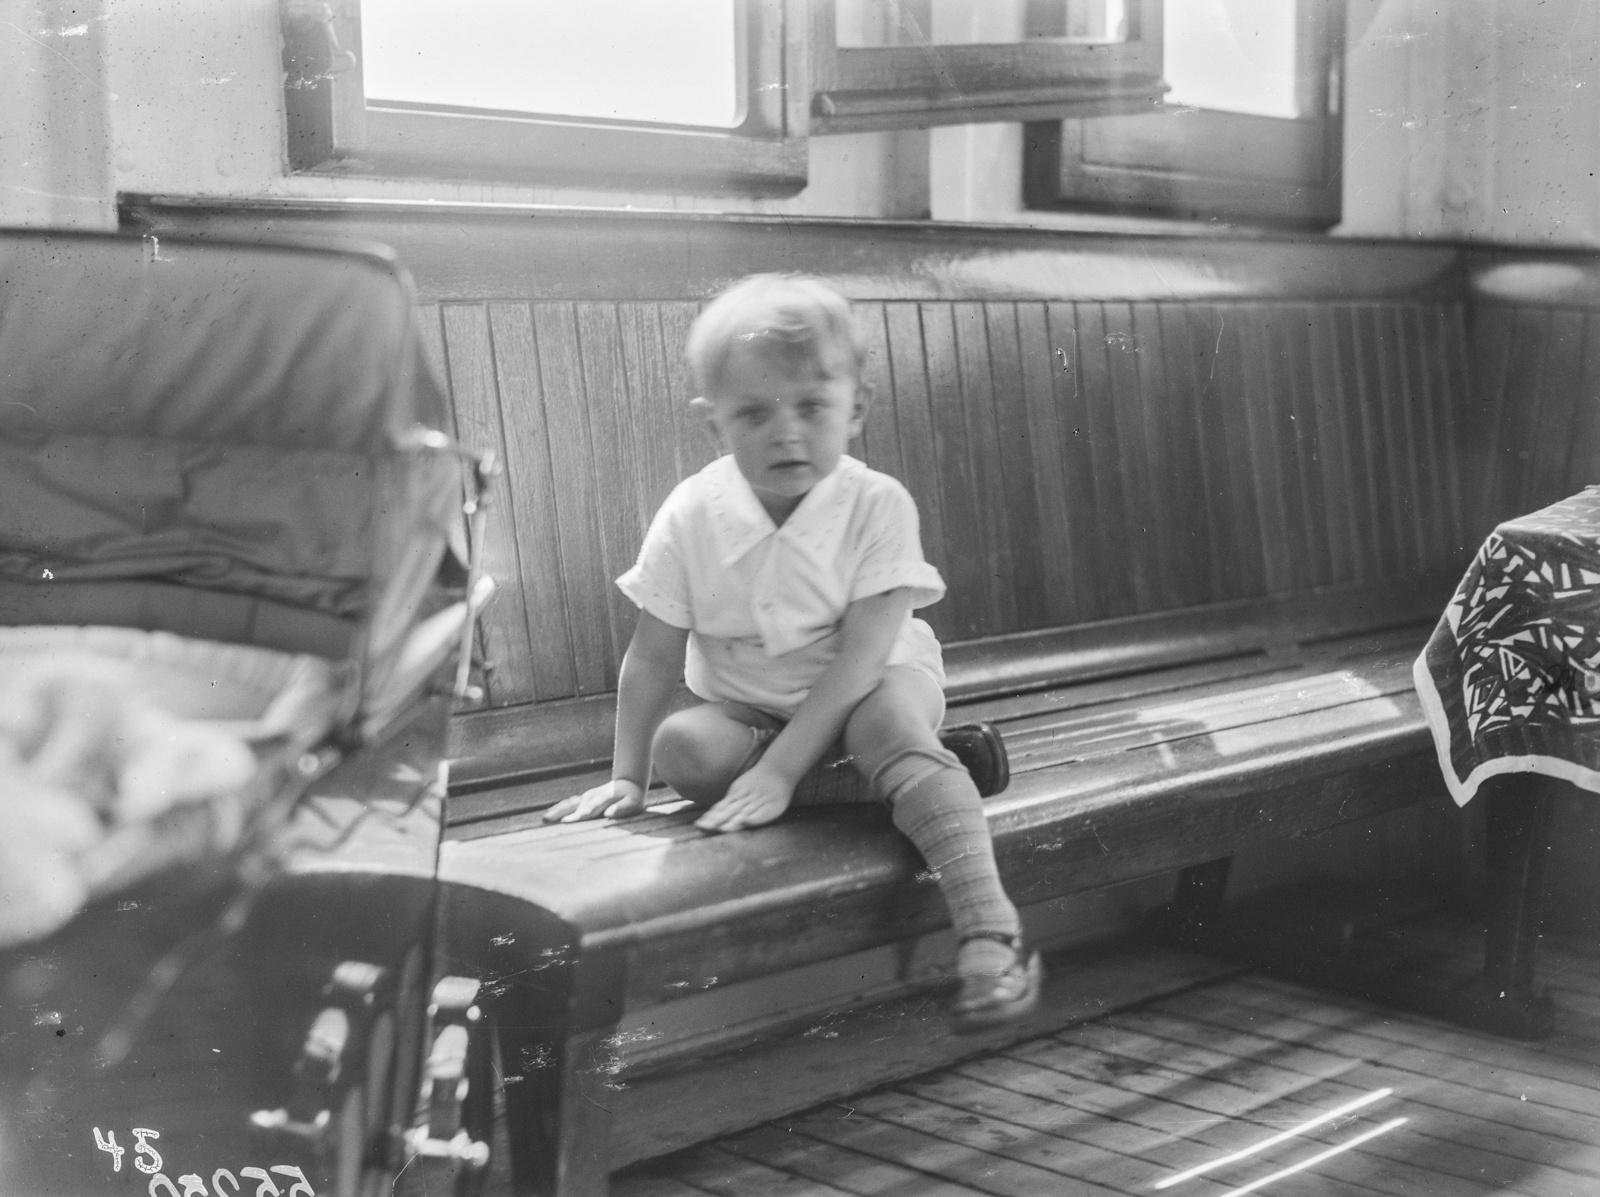 Портрет мальчика на скамейке. Пароход «Усамбара»